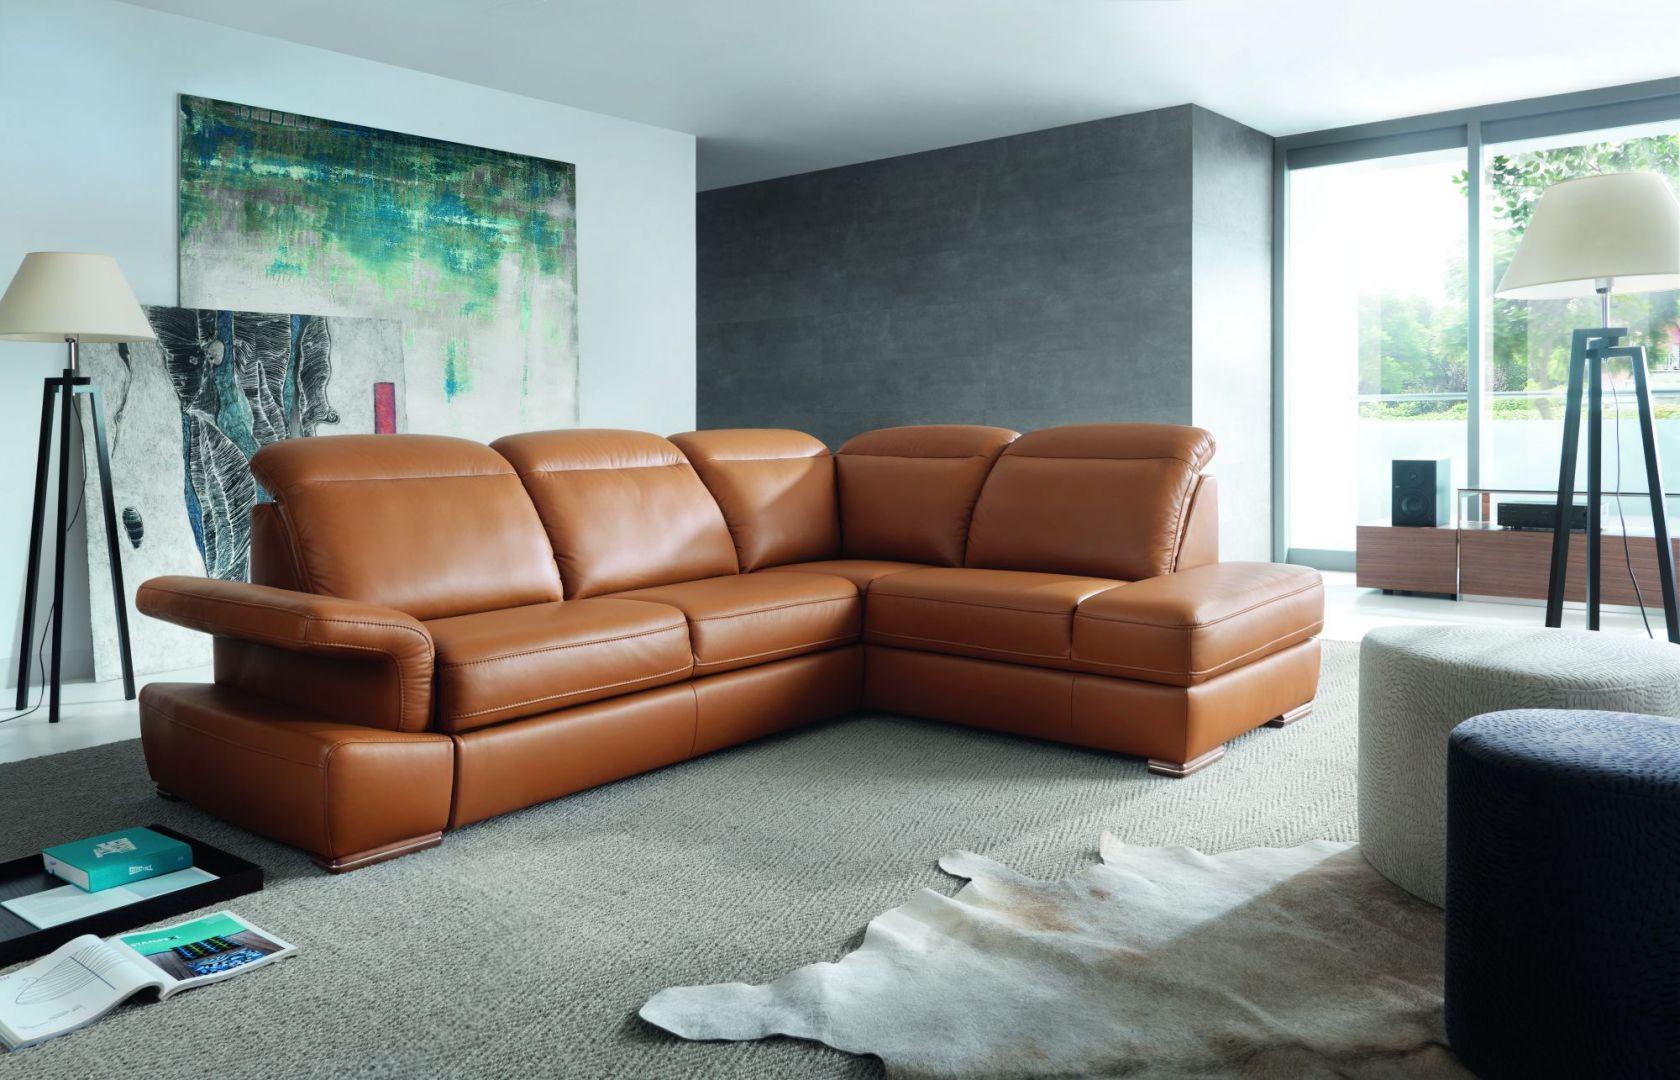 Sofa Morena marki Gala Collezione to wygodny model, który oprócz stylowej sylwetki, posiada wiele funkcji poprawiających komfort siedzenia. Fot. Gala Collezione